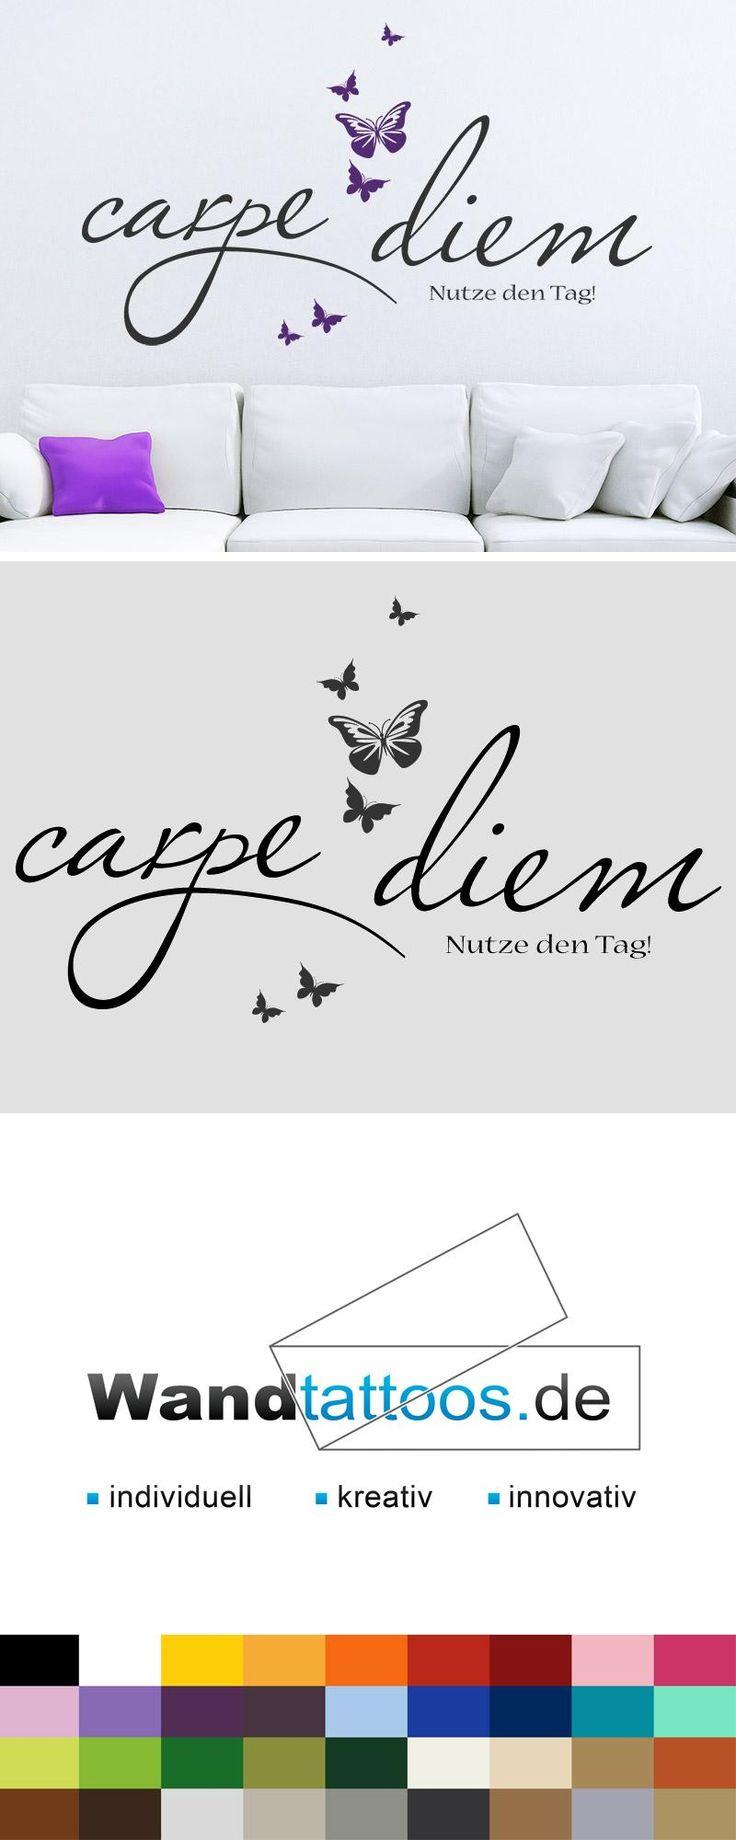 Wandtattoo Carpe diem mit Schmetterlingen als Idee zur individuellen Wandgestaltung. Einfach Lieblingsfarbe und Größe auswählen. Weitere kreative Anregungen von Wandtattoos.de hier entdecken!